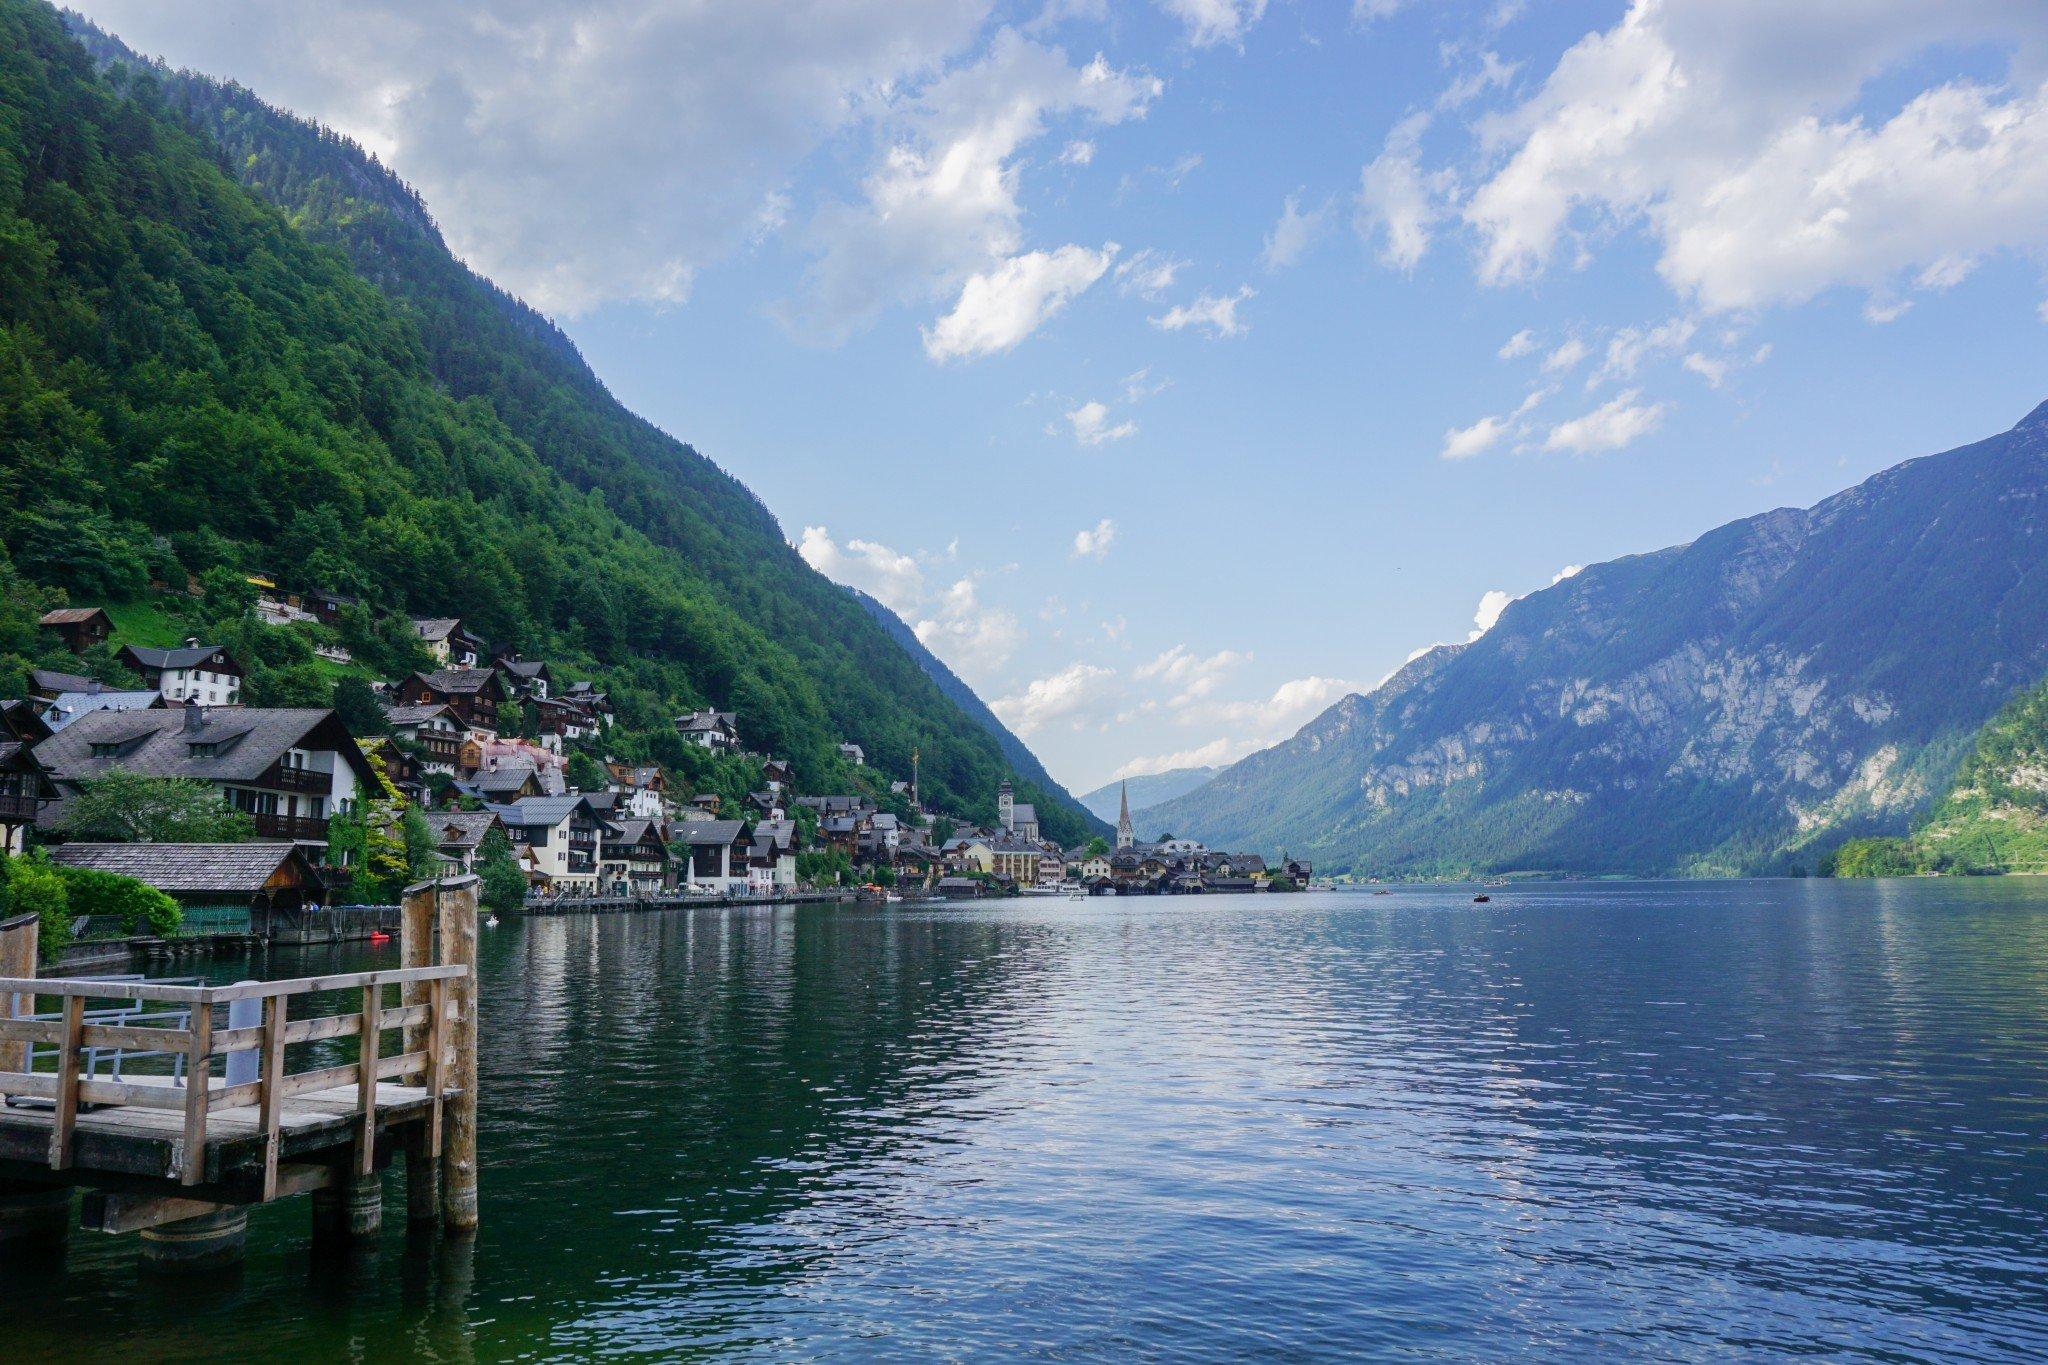 The lakeside town of Halstatt